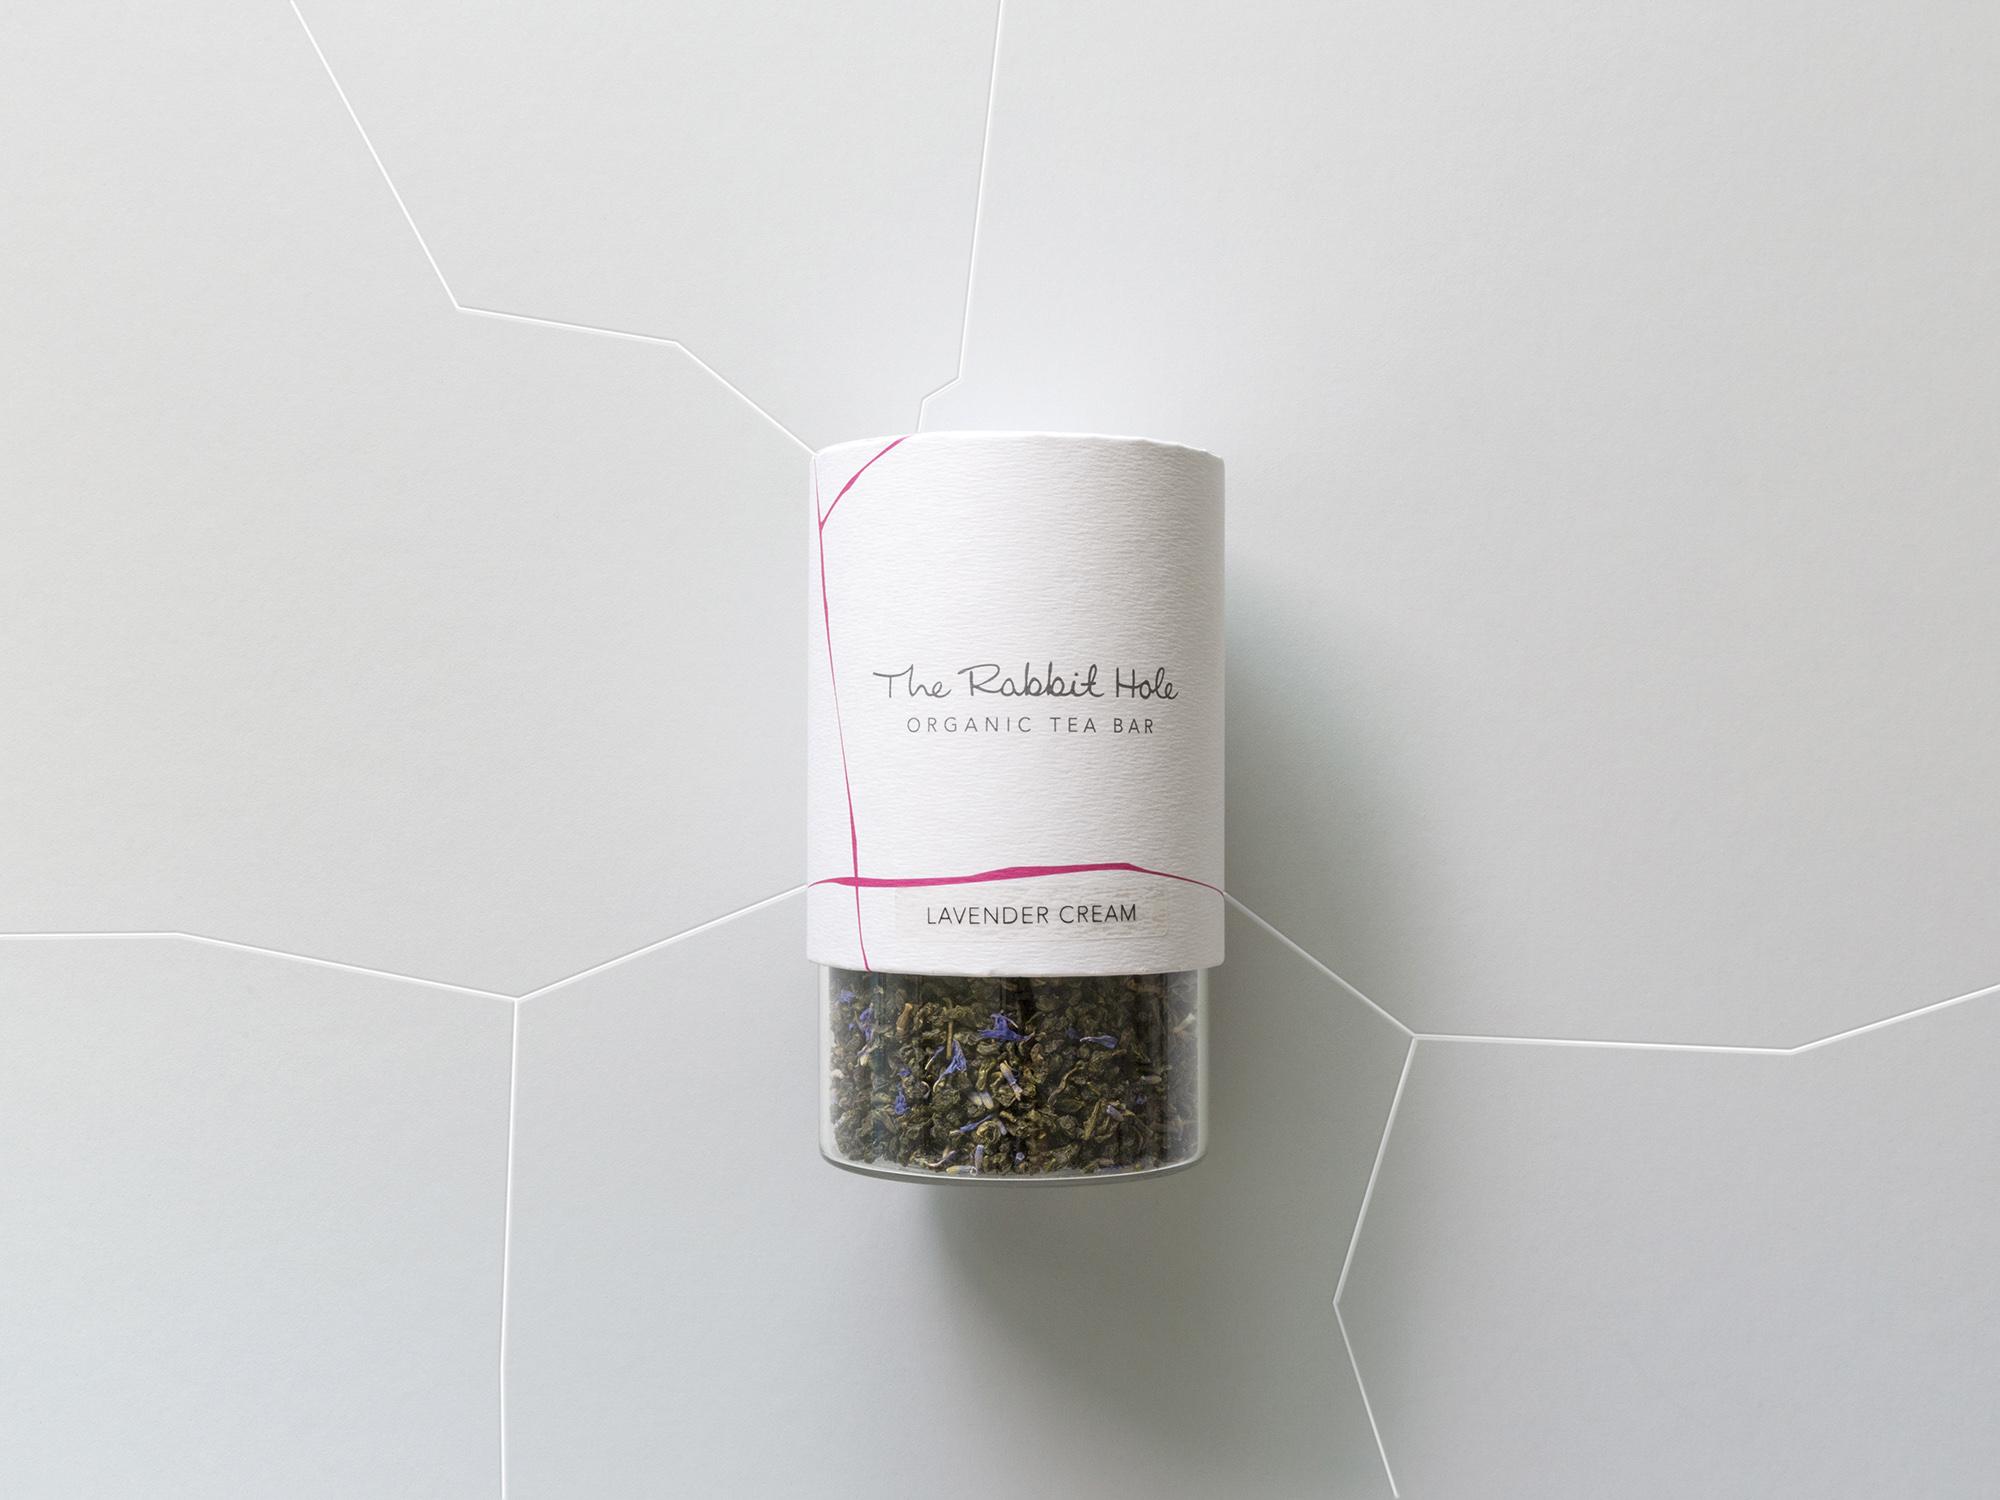 lavendar-cream_canister-crk_webresrgb